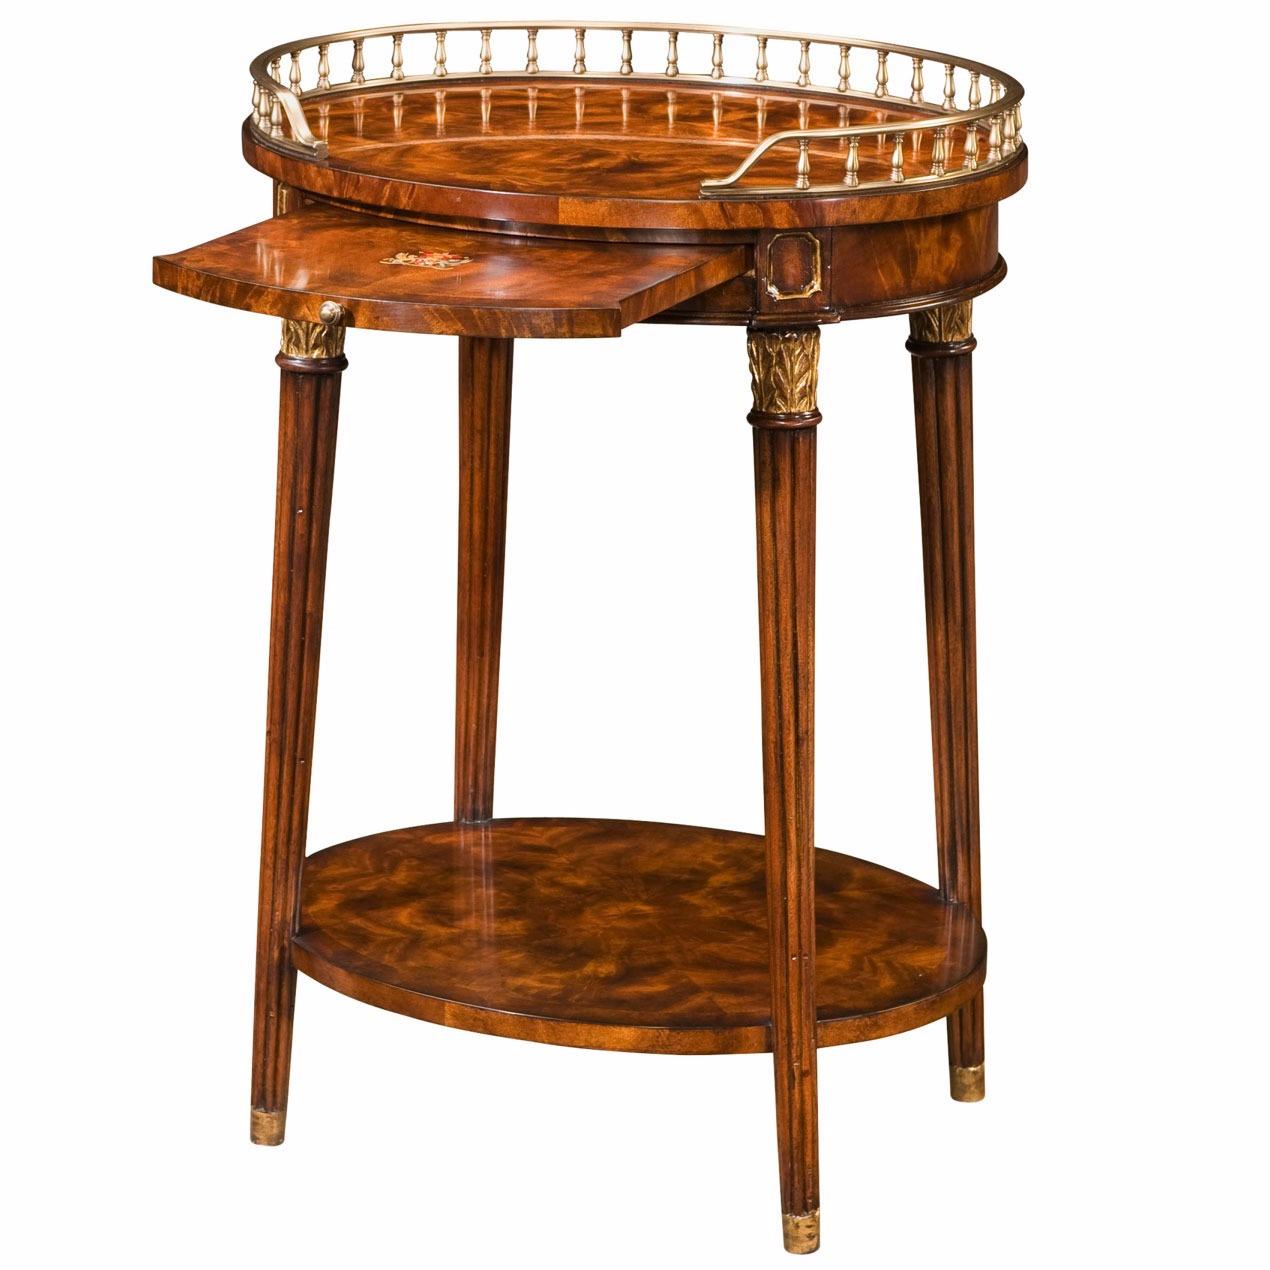 Regency style mahogany oval lamp table